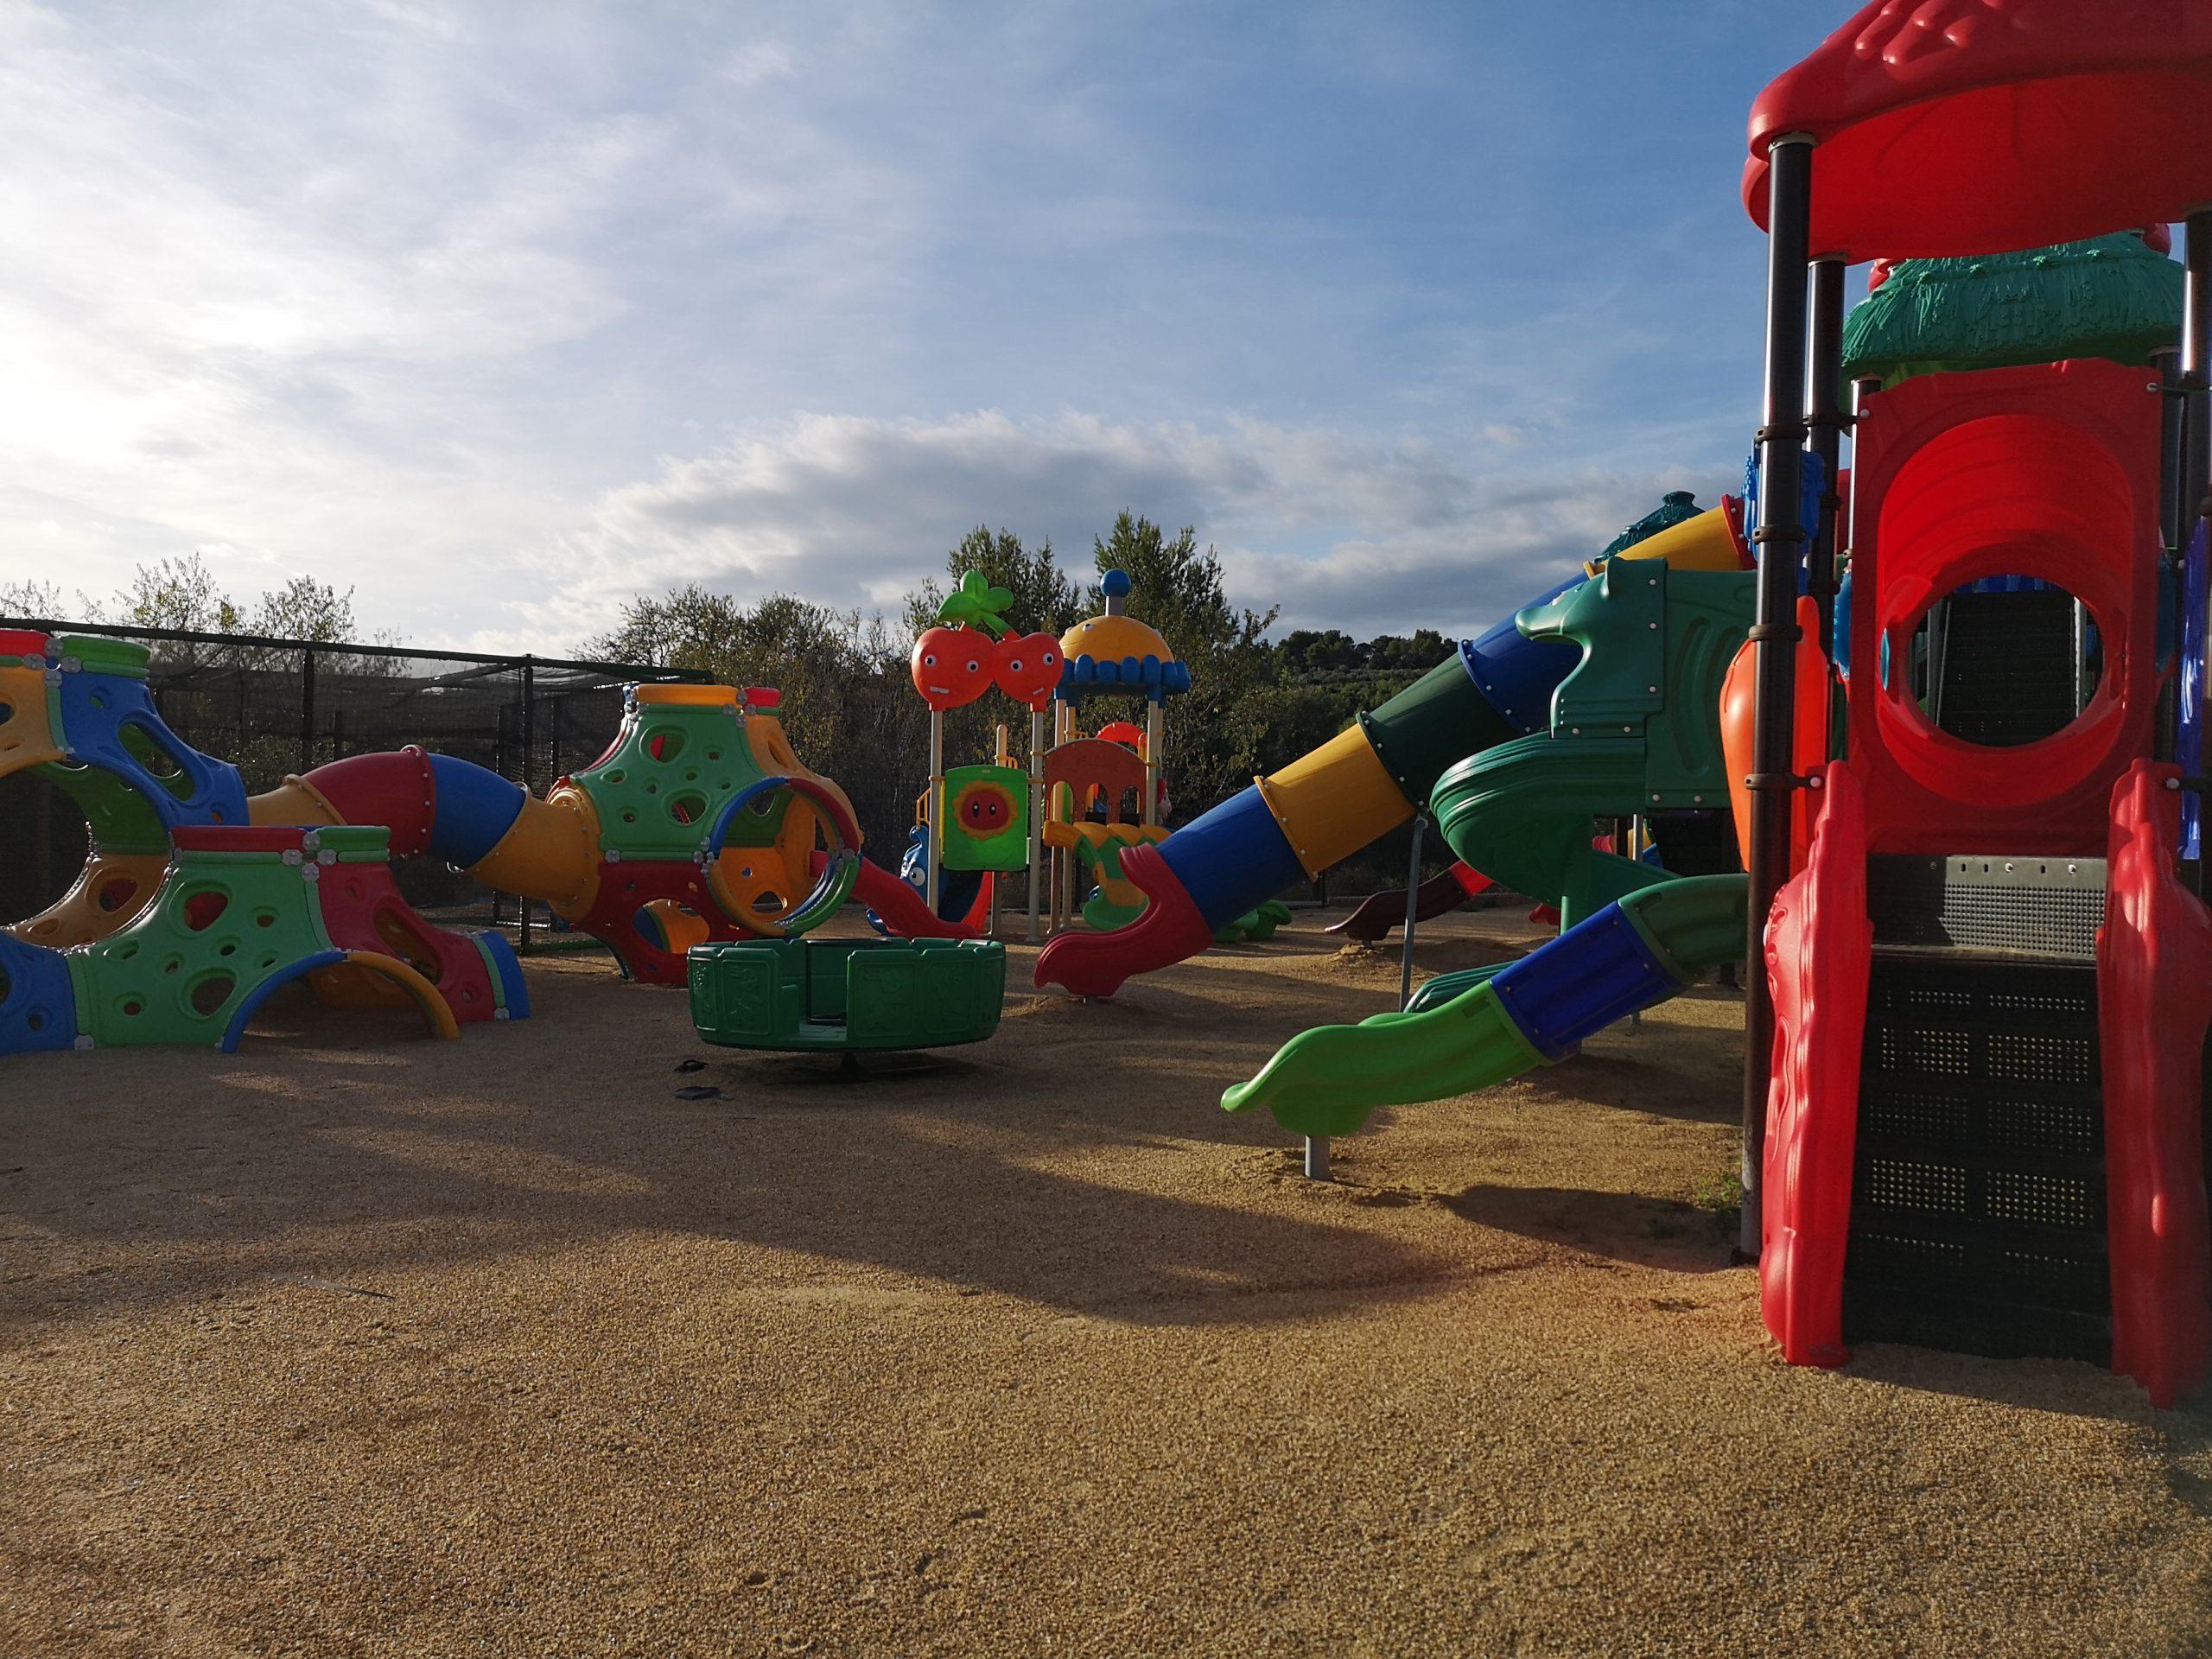 parc de loisirs outdoor